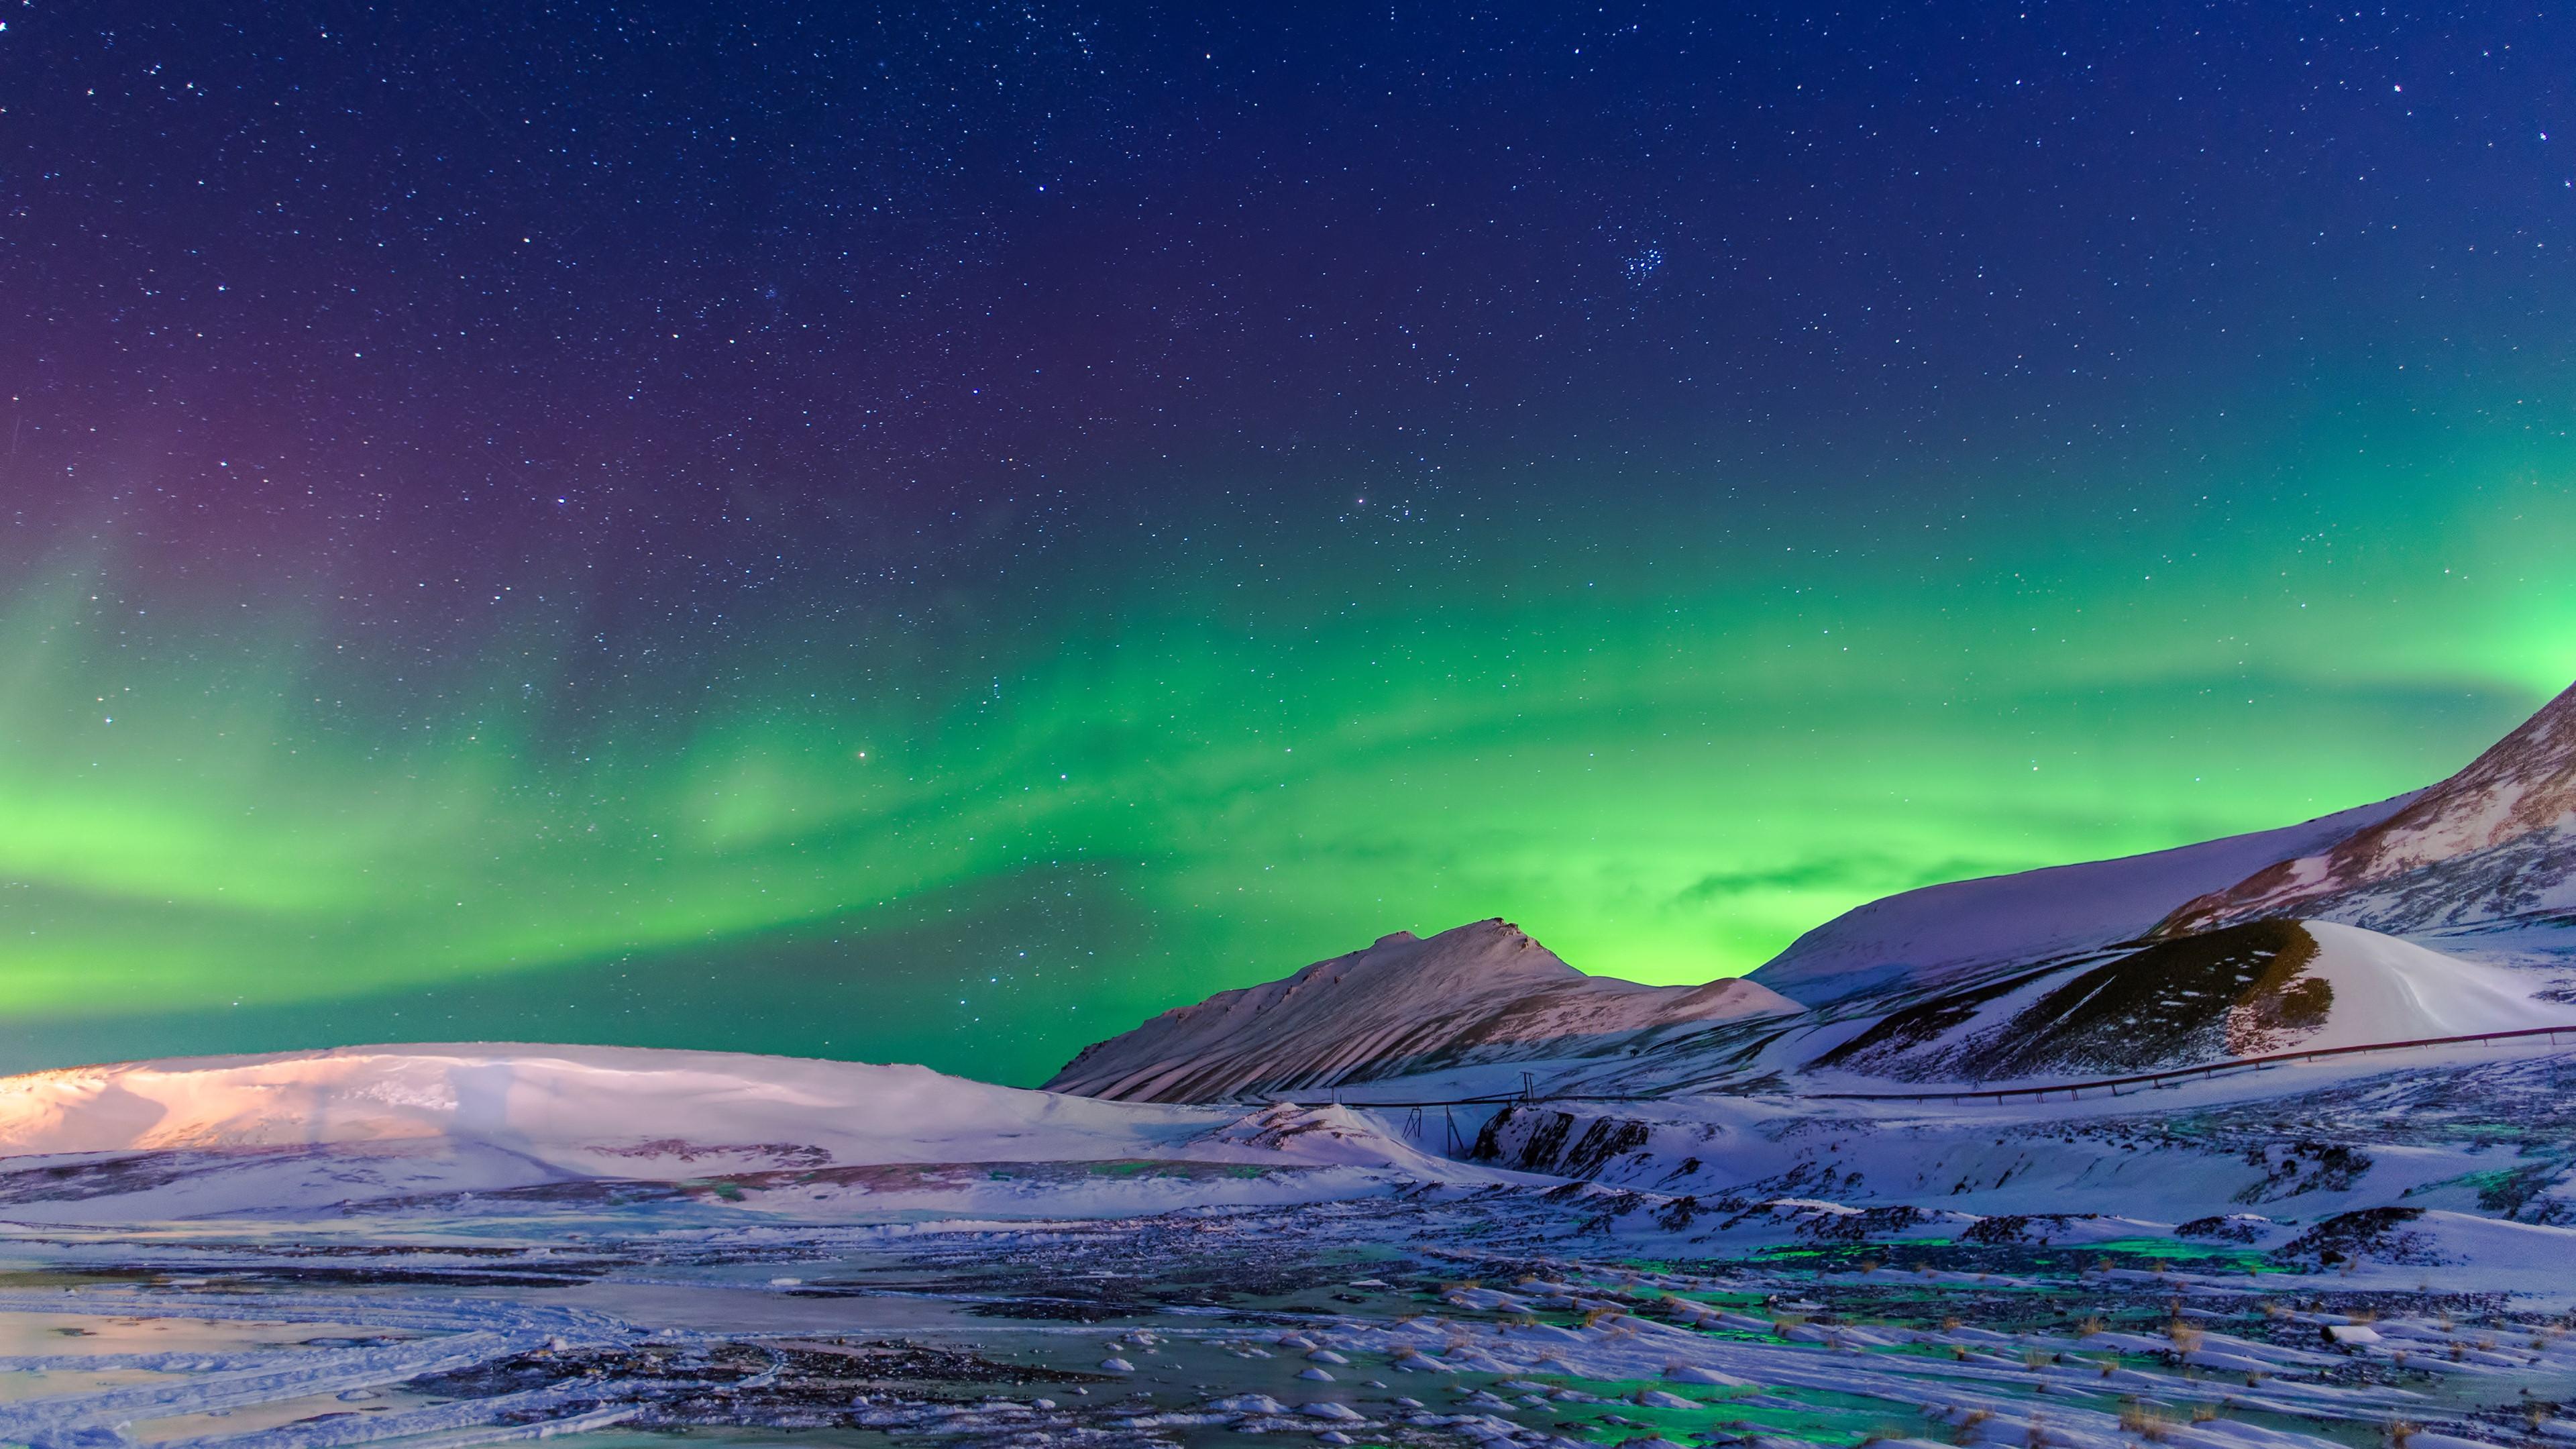 aurora borealis 4k 1540136343 - Aurora Borealis 4k - winter wallpapers, snow wallpapers, nature wallpapers, hd-wallpapers, aurora wallpapers, 4k-wallpapers